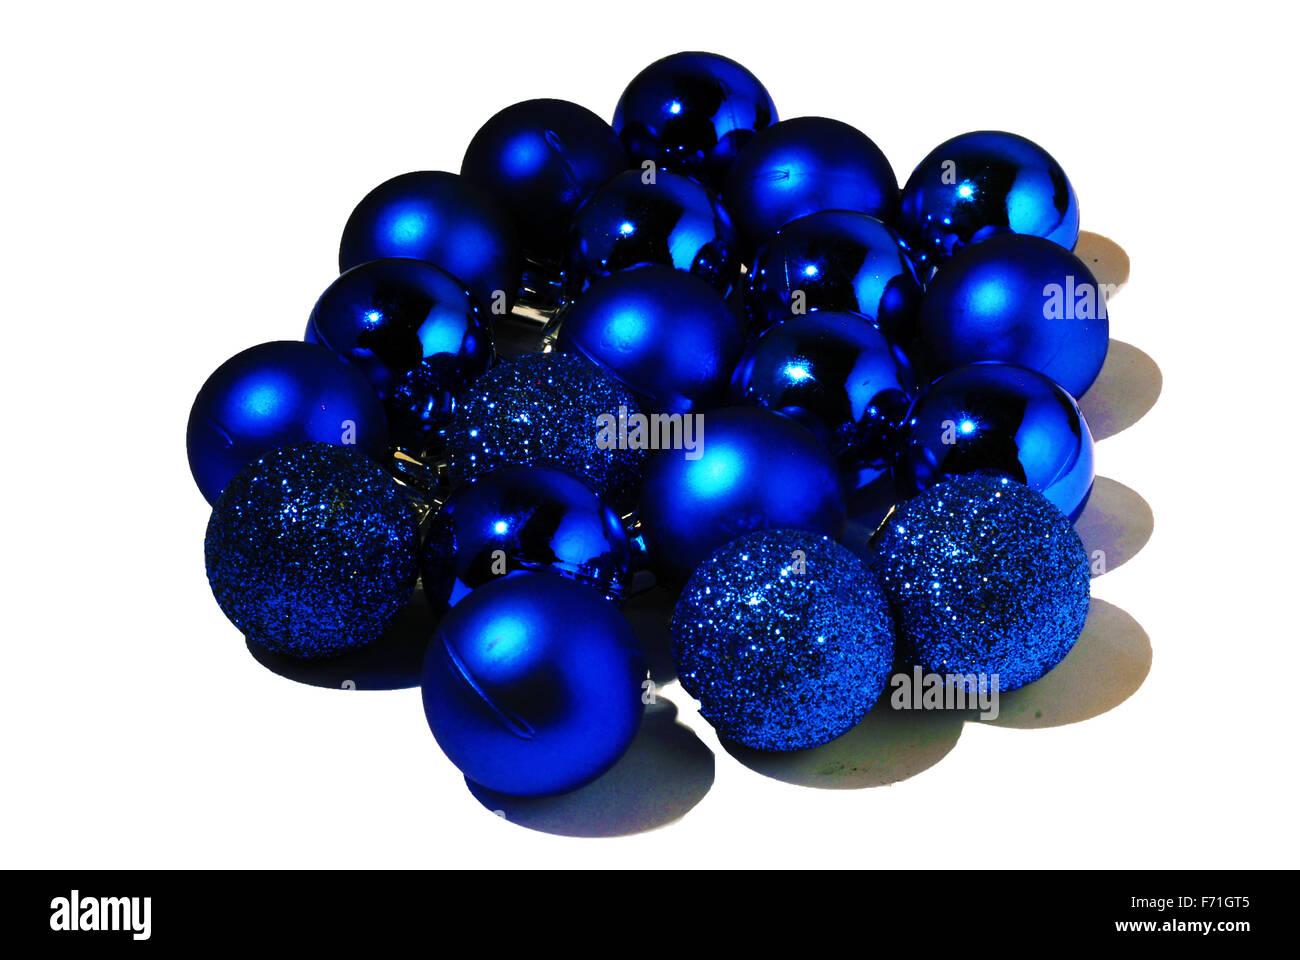 Blue,palle di Natale,vivace,sparkle,sfera di vetro, Immagini Stock